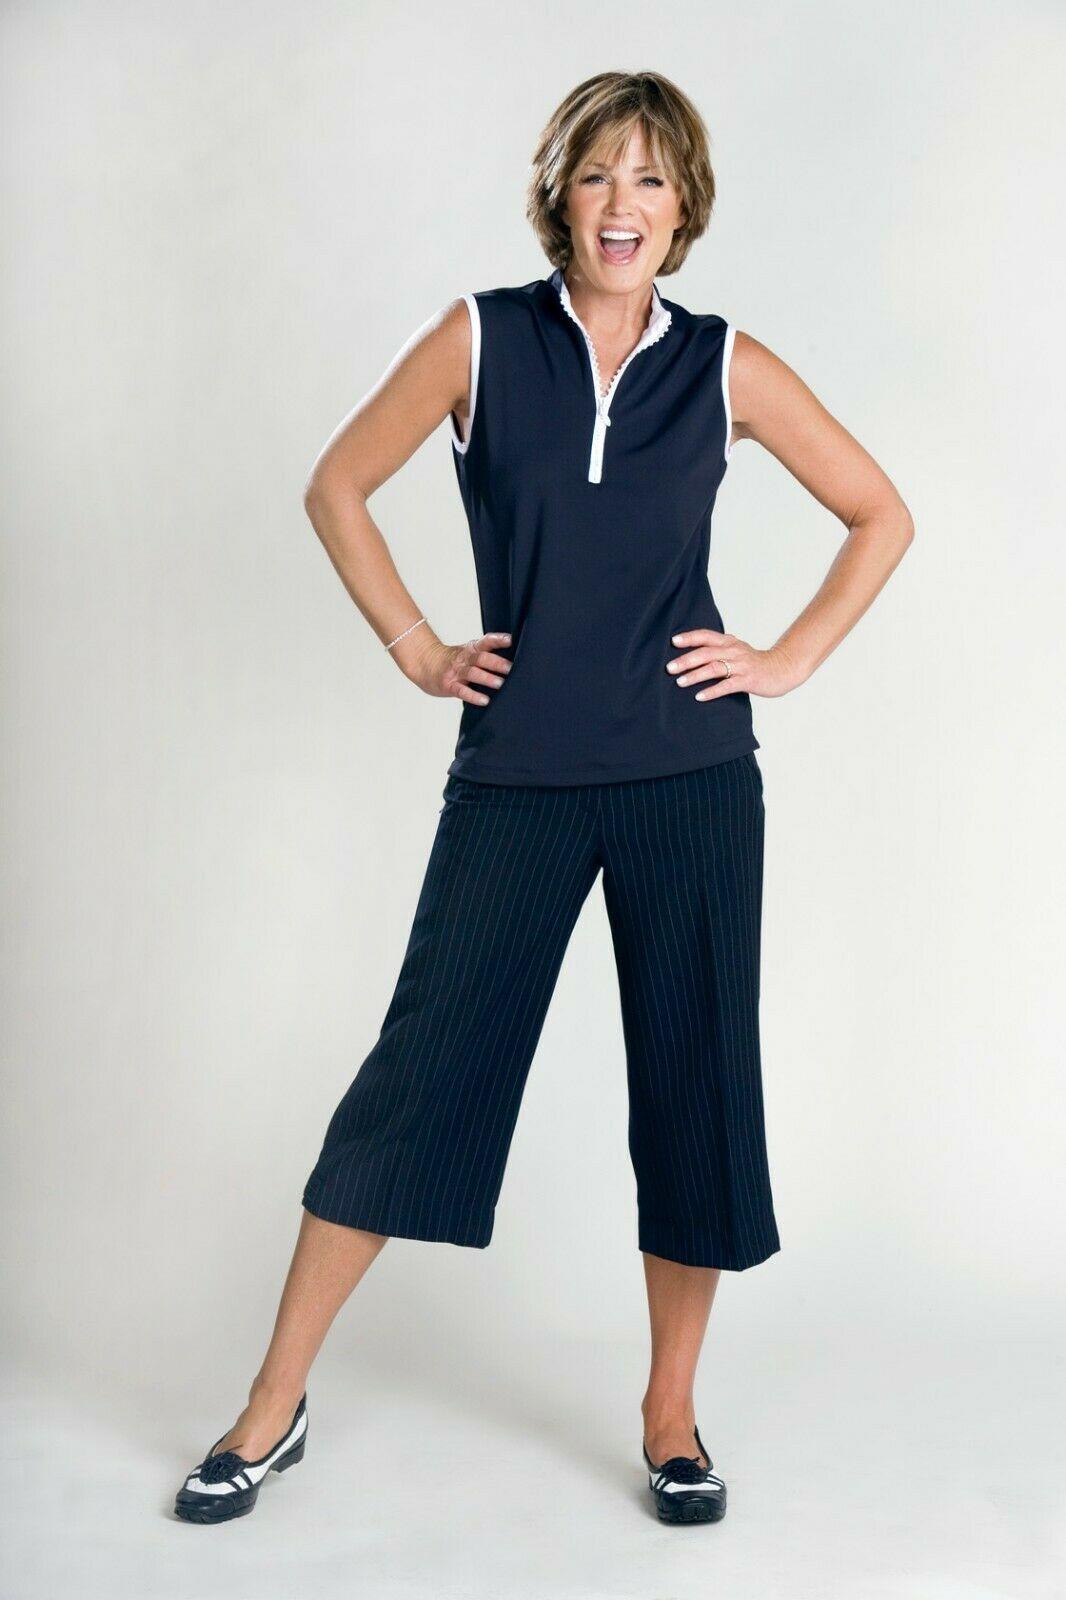 Women's Dark Navy Skort with White Pinstripes - New - Goldenwear image 8